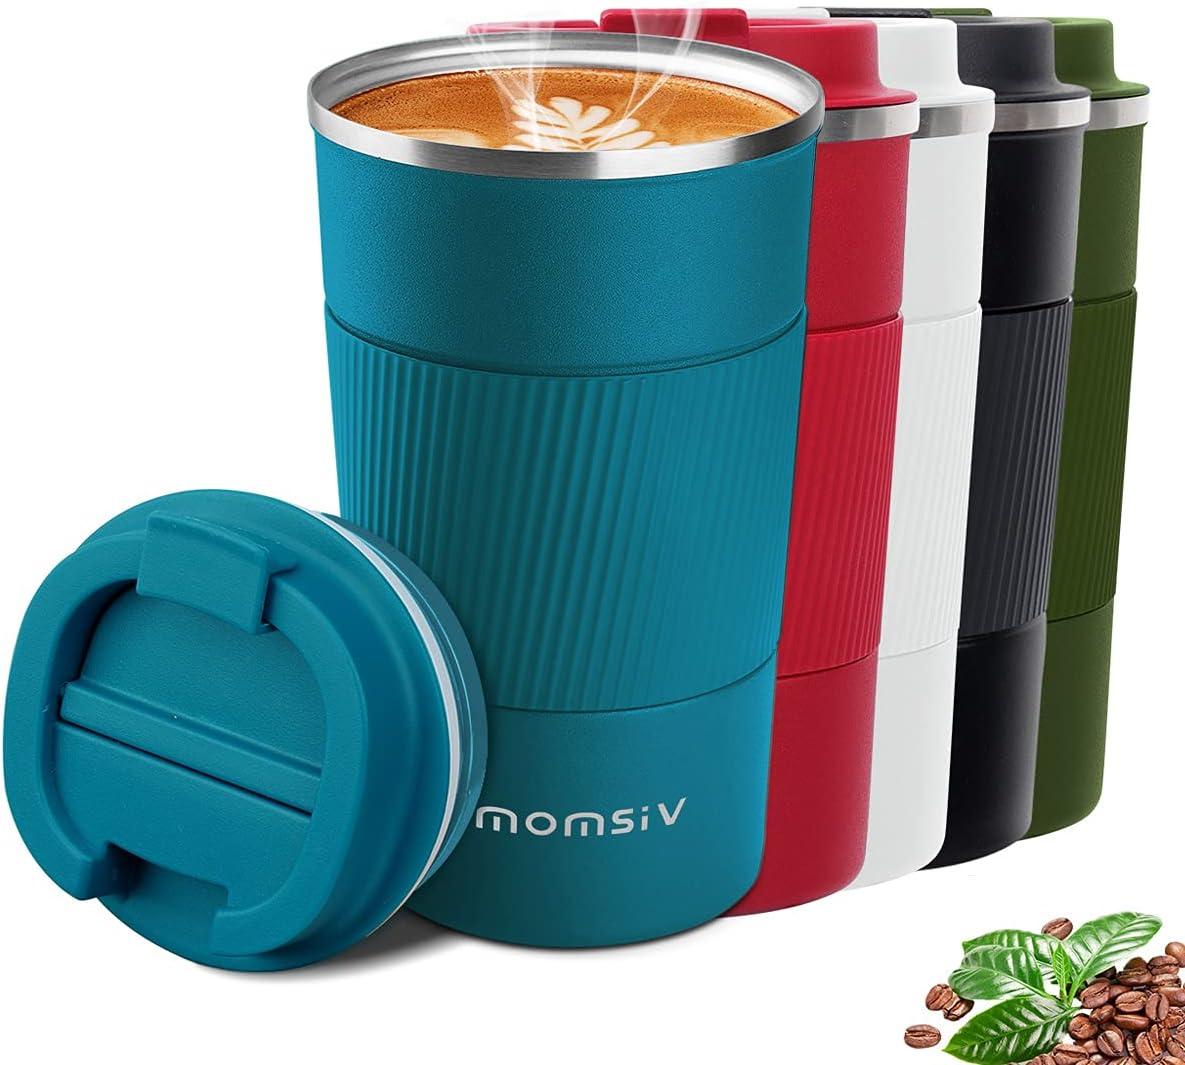 MOMSIV Taza de café, Termo Cafe 510ml, Taza Termo Cafe para Llevar de Acero Inoxidable, Tazas dTazas de Viaje aisladas con Tapa a Prueba de Fugas, Tazas de café Reutilizables, Taza de café para Coche